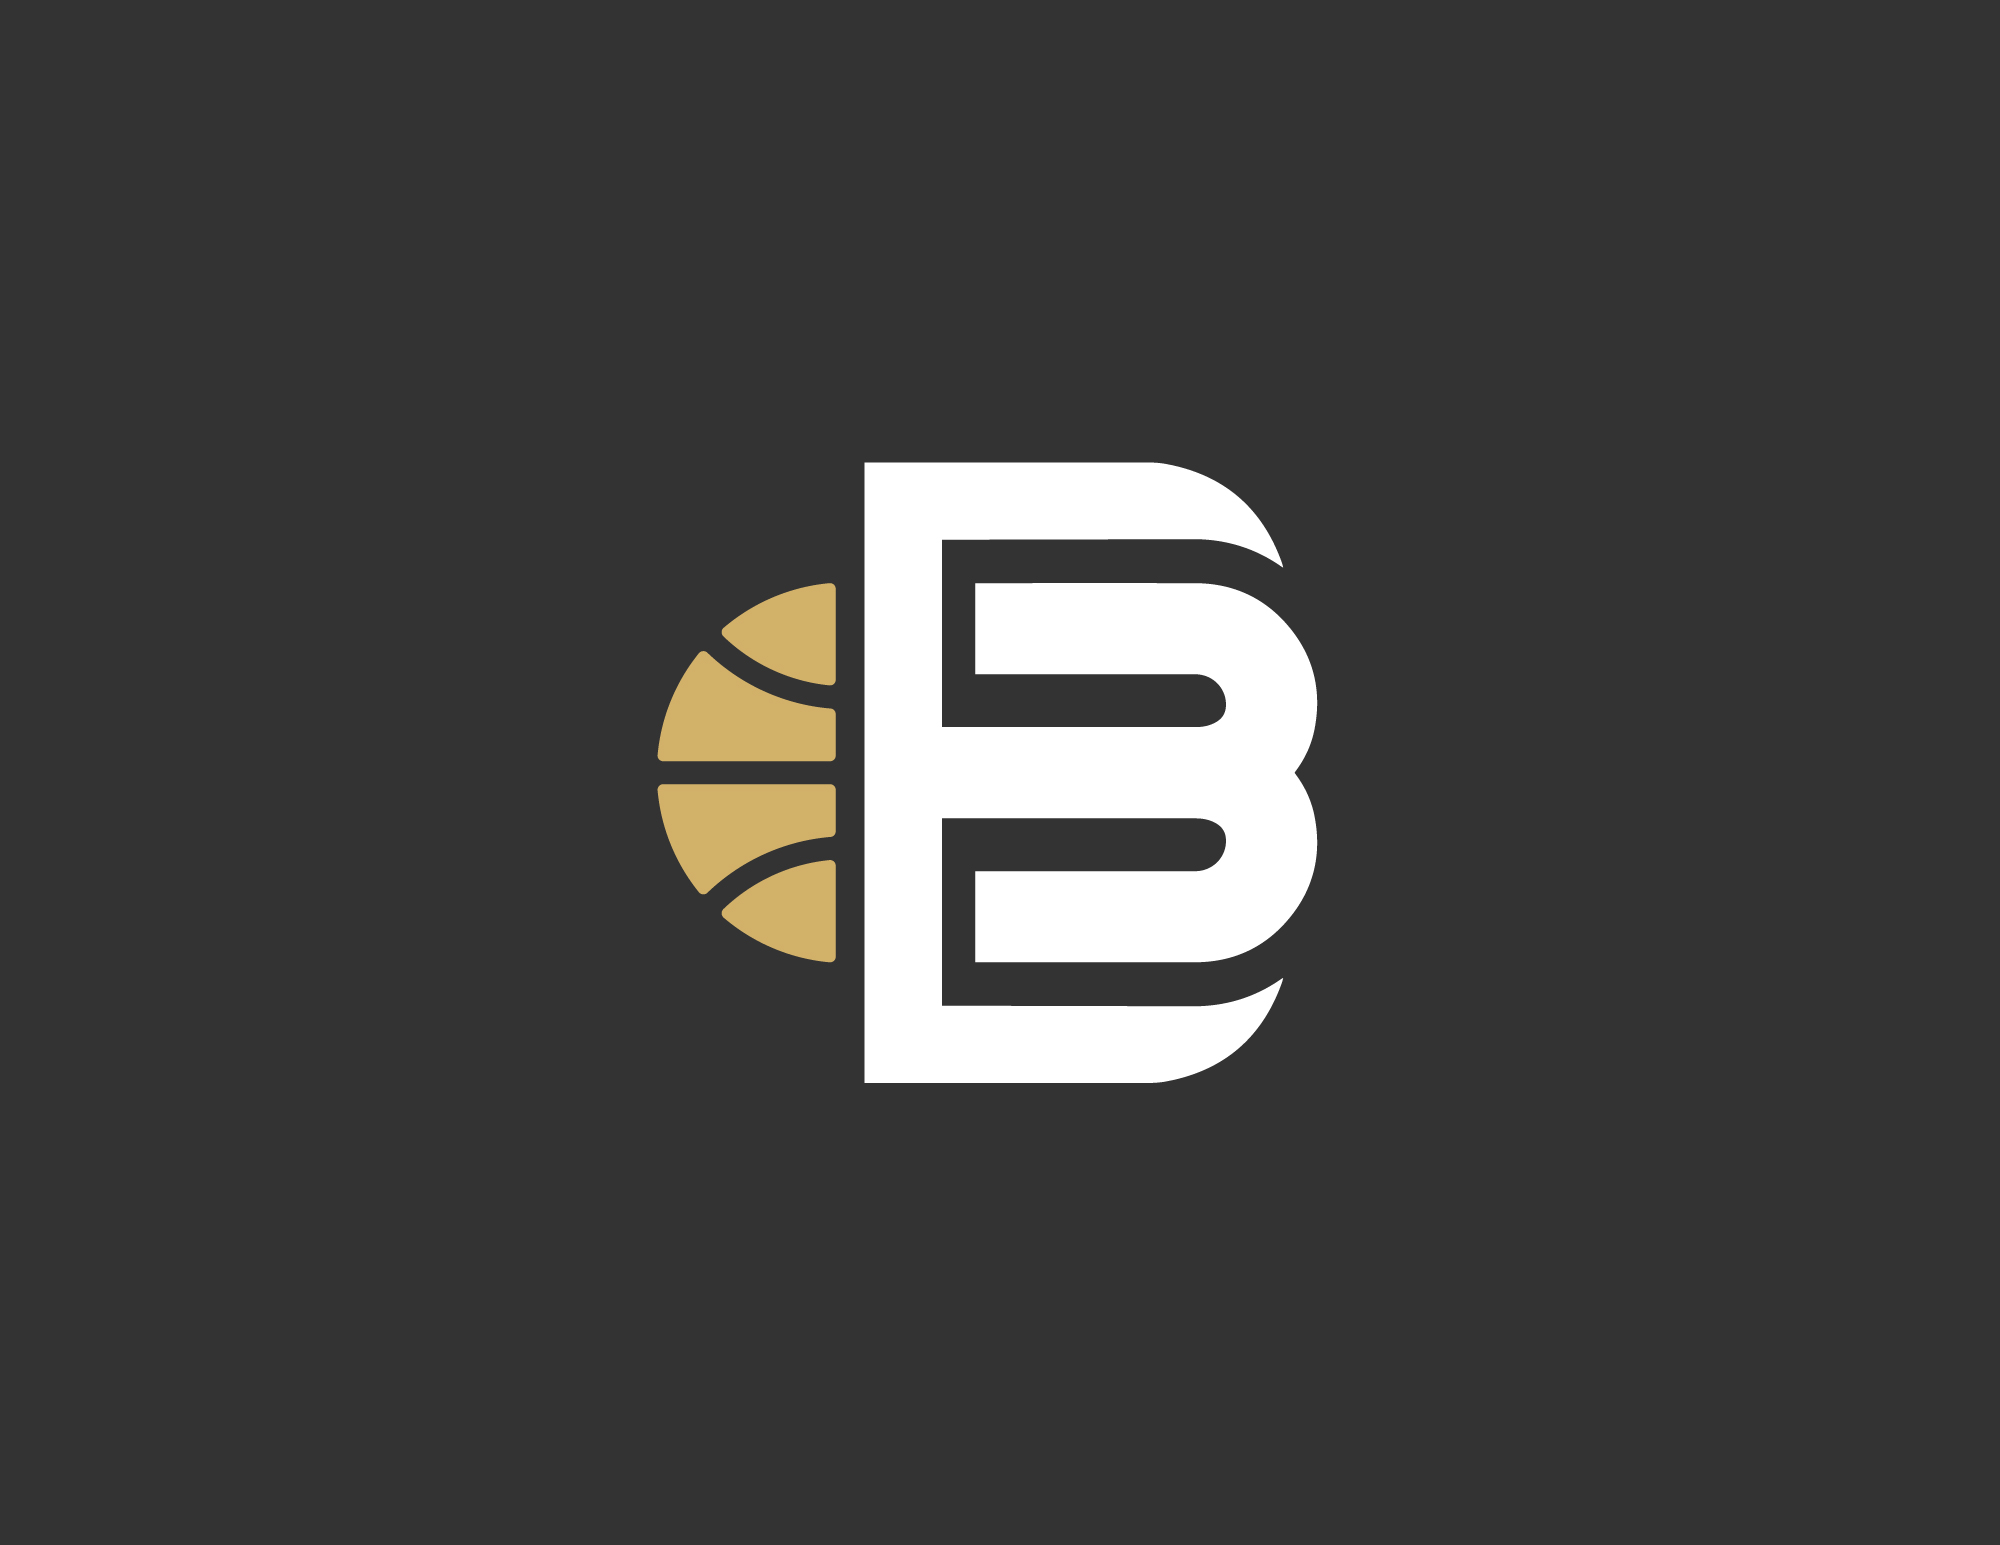 BBB_6.jpg